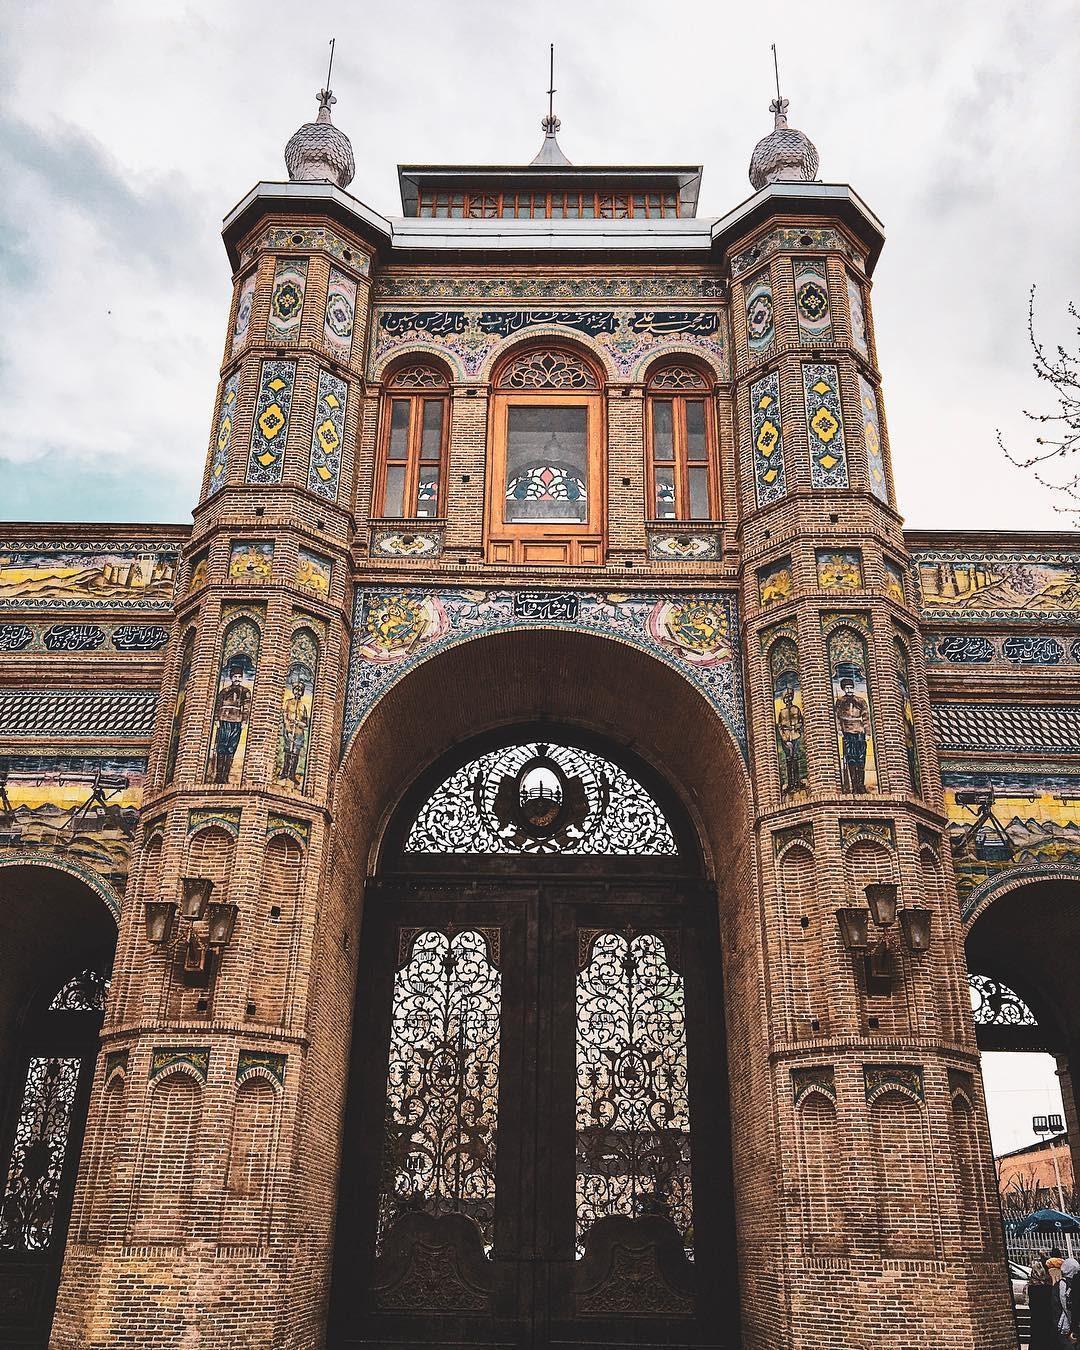 Day 2: Tehran Old Quarter